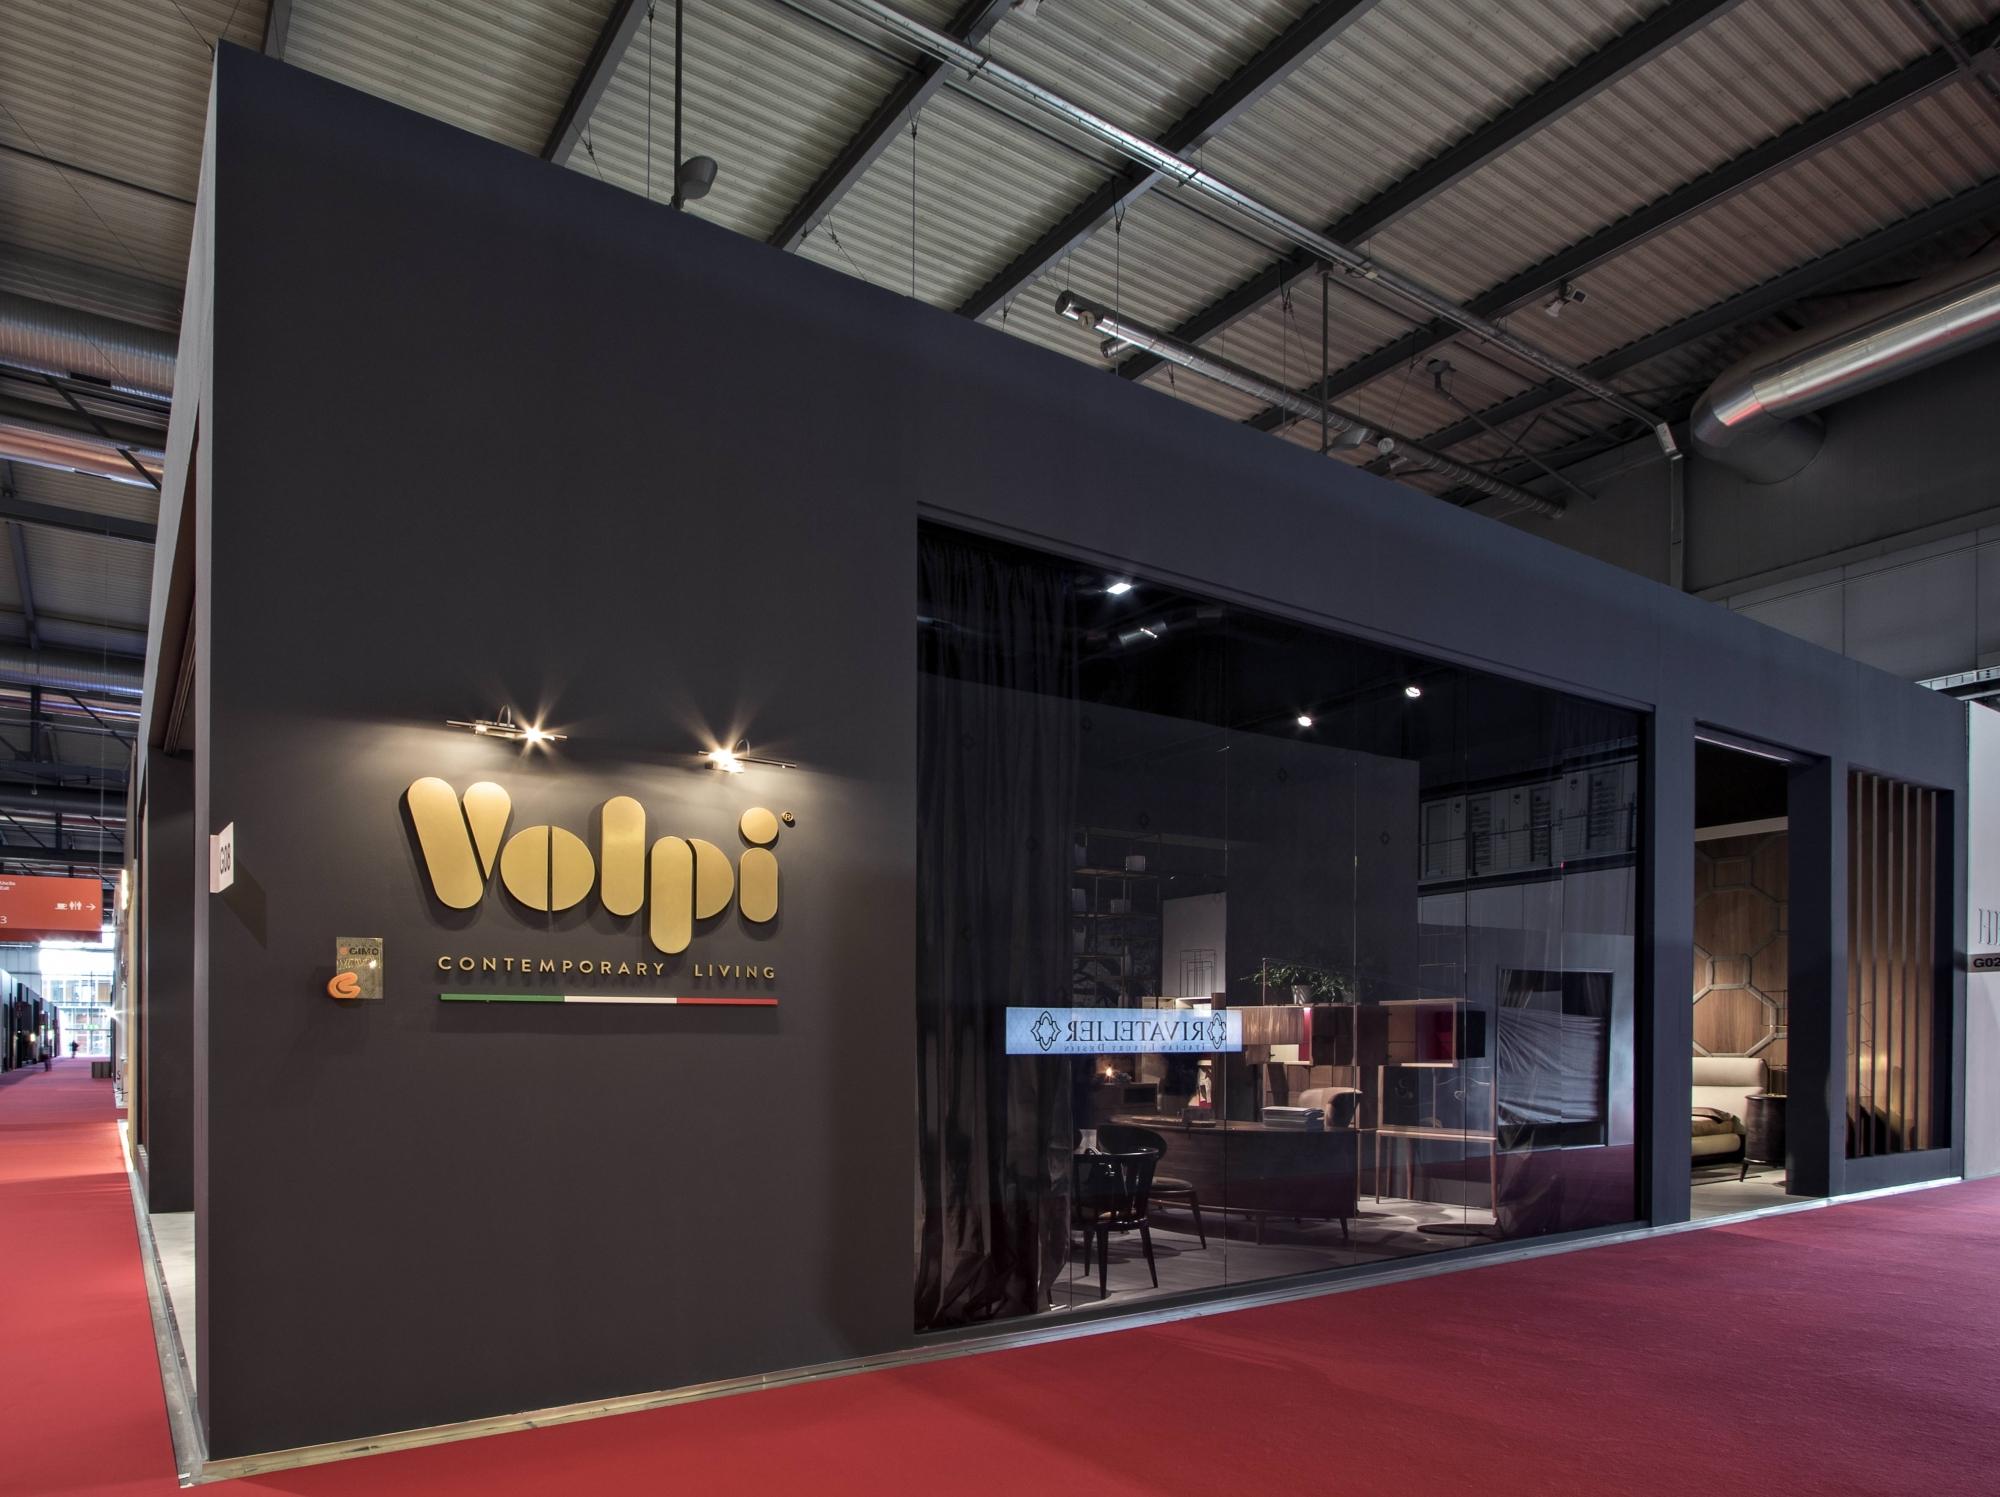 Allestimento stand fieristici salone del mobile volpi for Stand salone del mobile